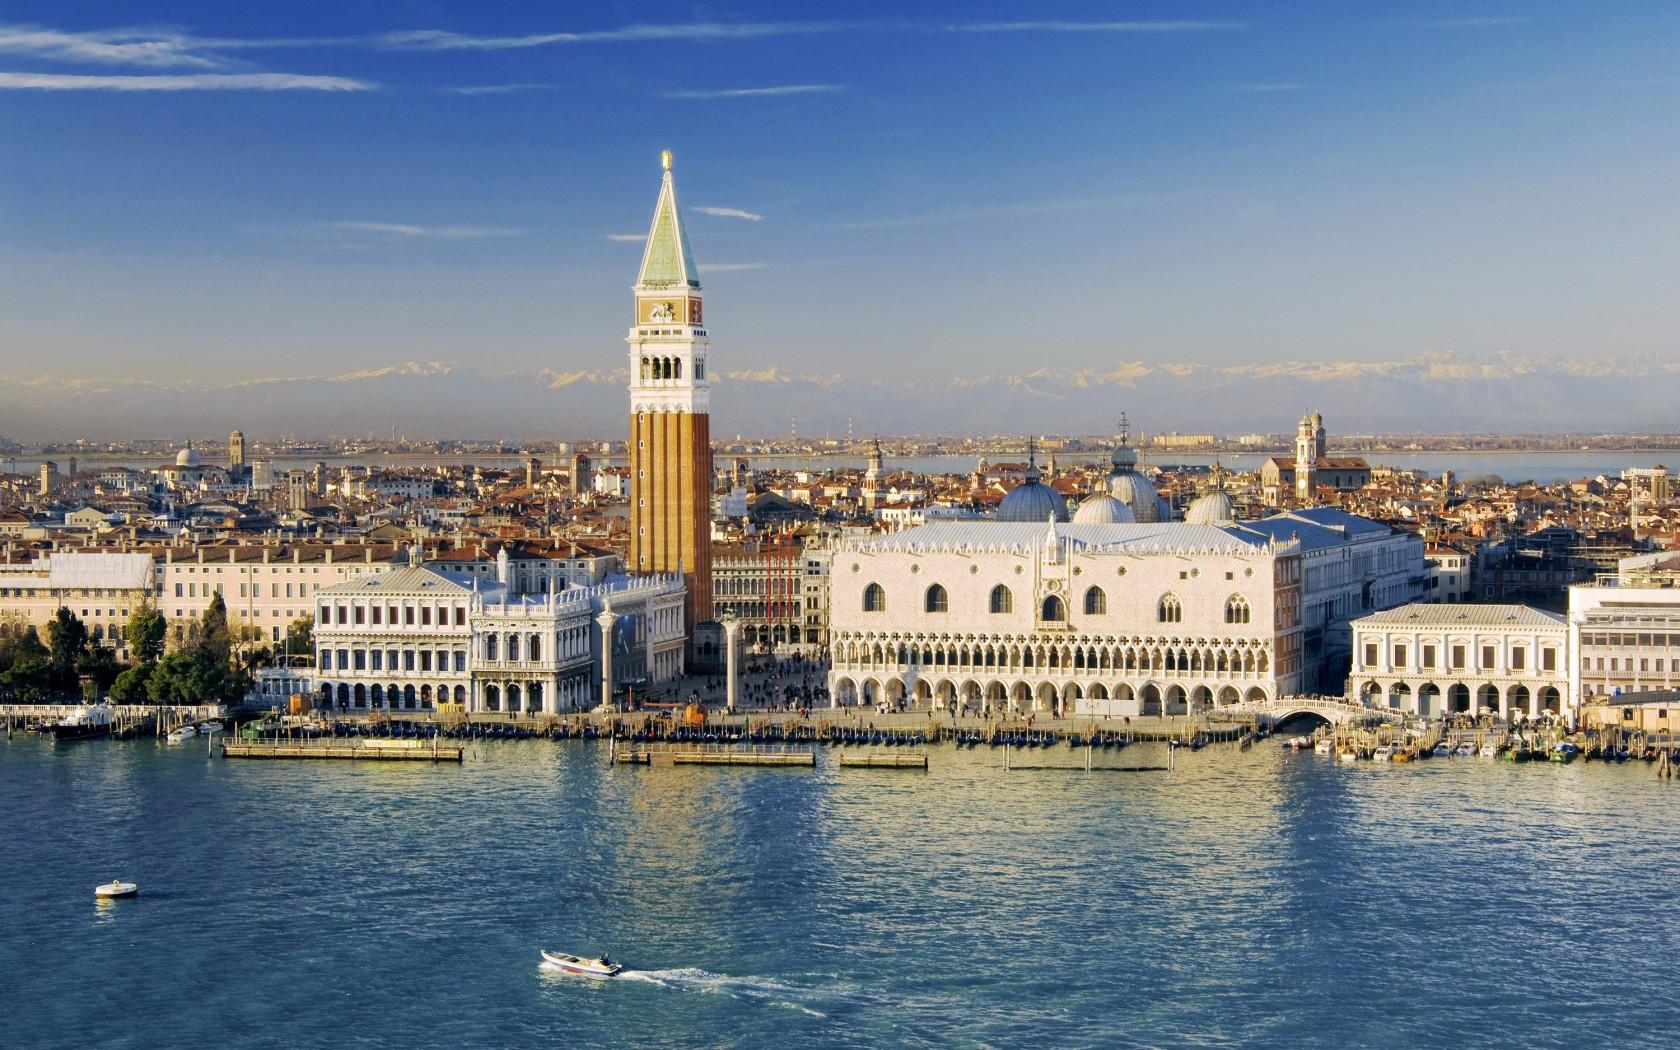 Venice, Antonio Canaletto